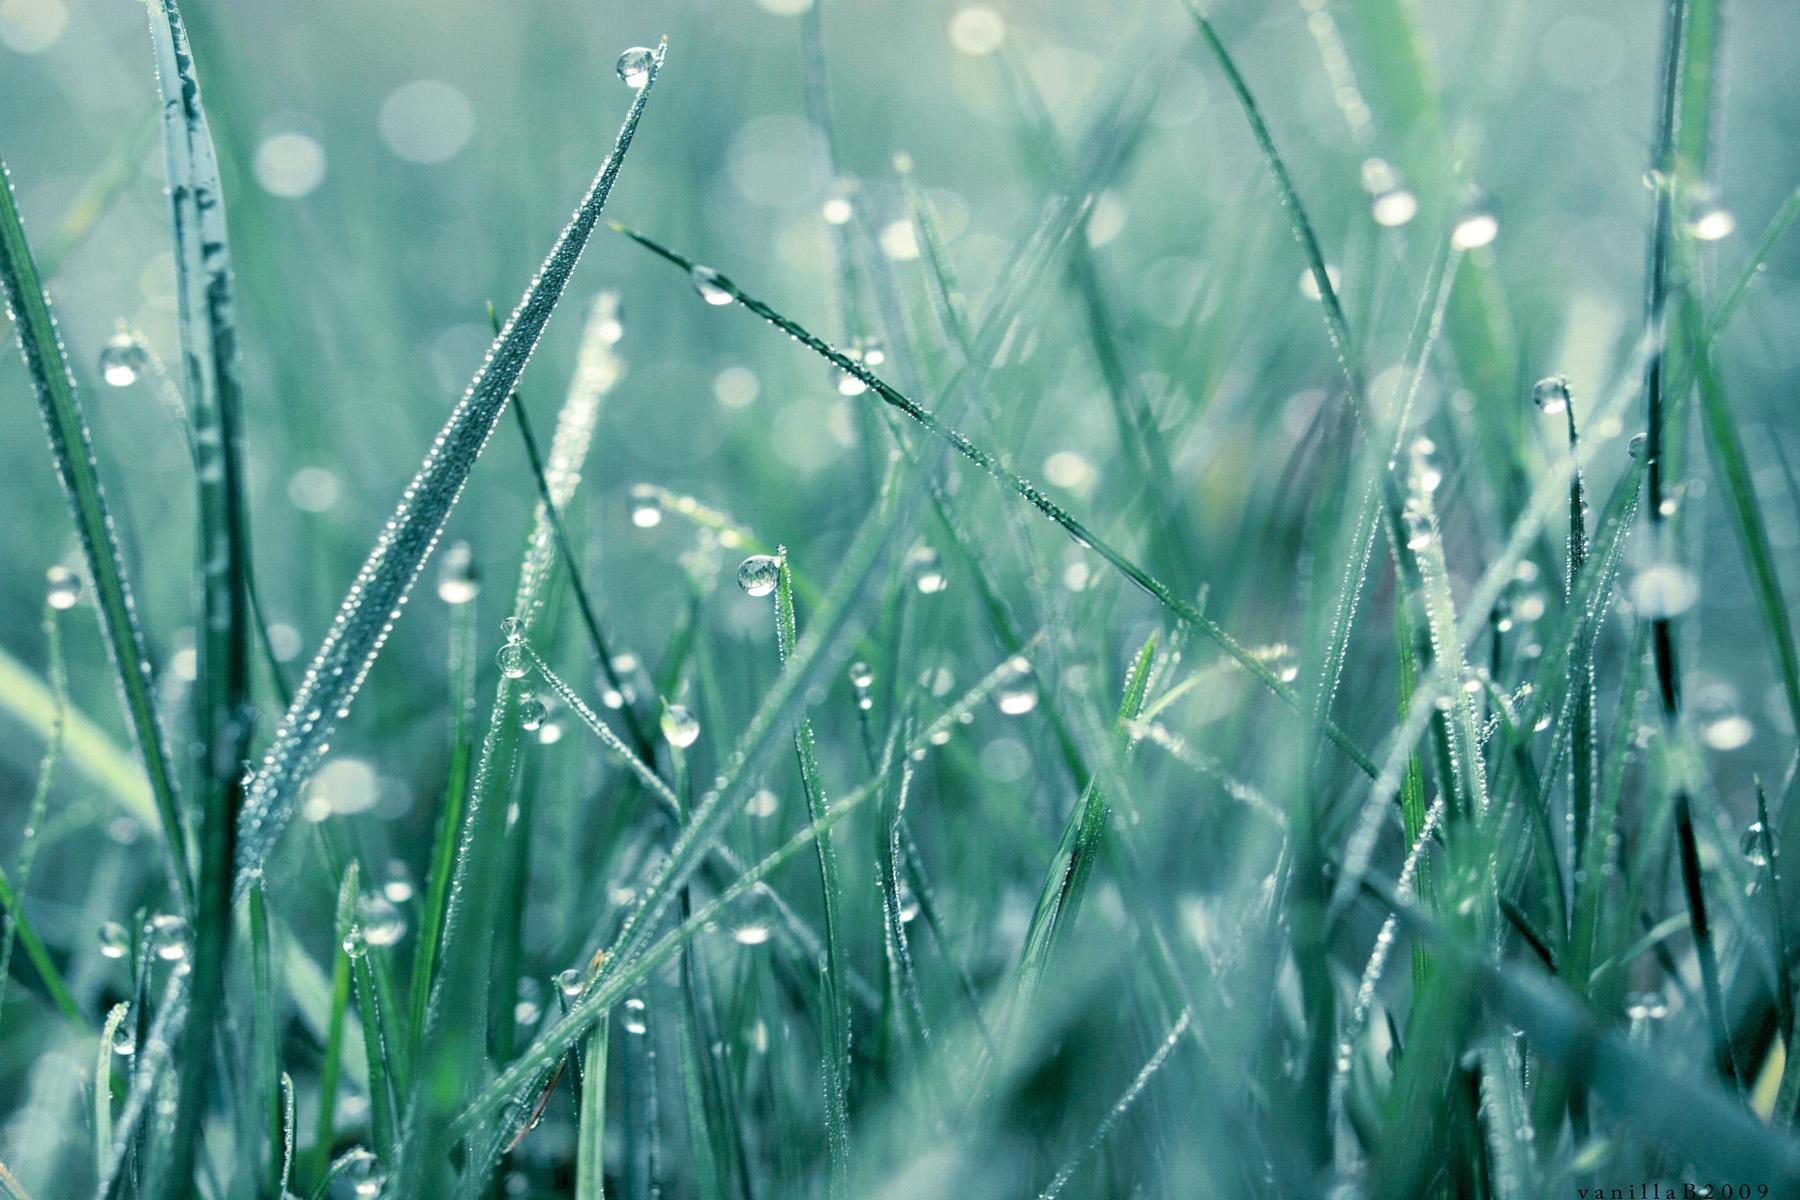 Ảnh giọt sương trên cỏ